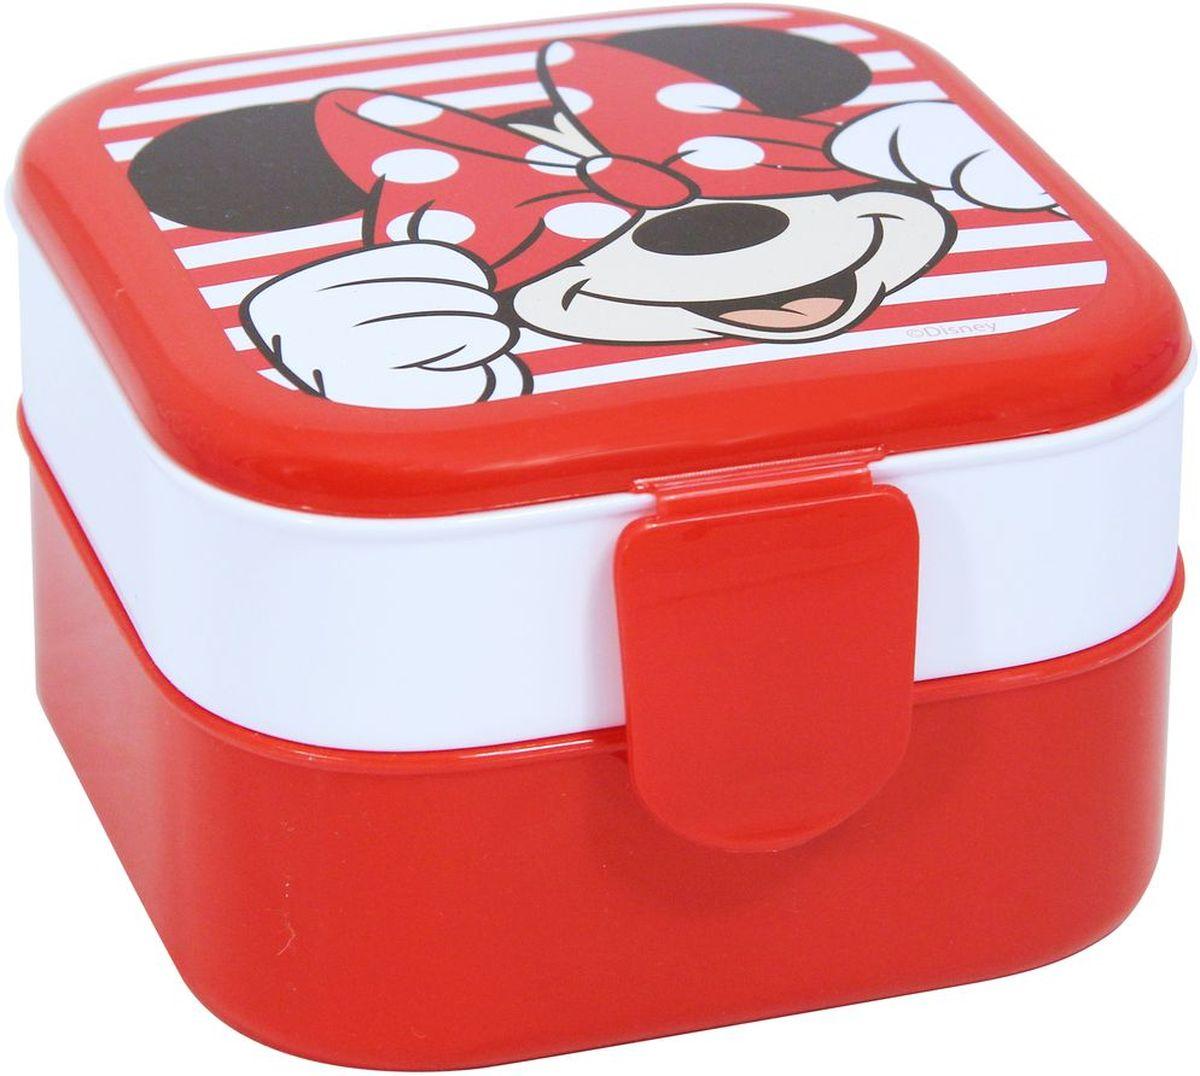 Контейнер Idea Disney. Минни Маус, 2 секции, цвет: красныйSC-FD421004Контейнер Idea Disney изготовлен из высококачественного пластика, предназначен для хранения продуктов. Изделие декорировано ярким рисунком. Контейнер легко открывается, оснащен двумя съемными отделениями и клапаном на крышке. Контейнер - отличное решение для хранения продуктов.Размер контейнера: 12 см х 12 см х 8 см. Объем секции: 0,4 л.